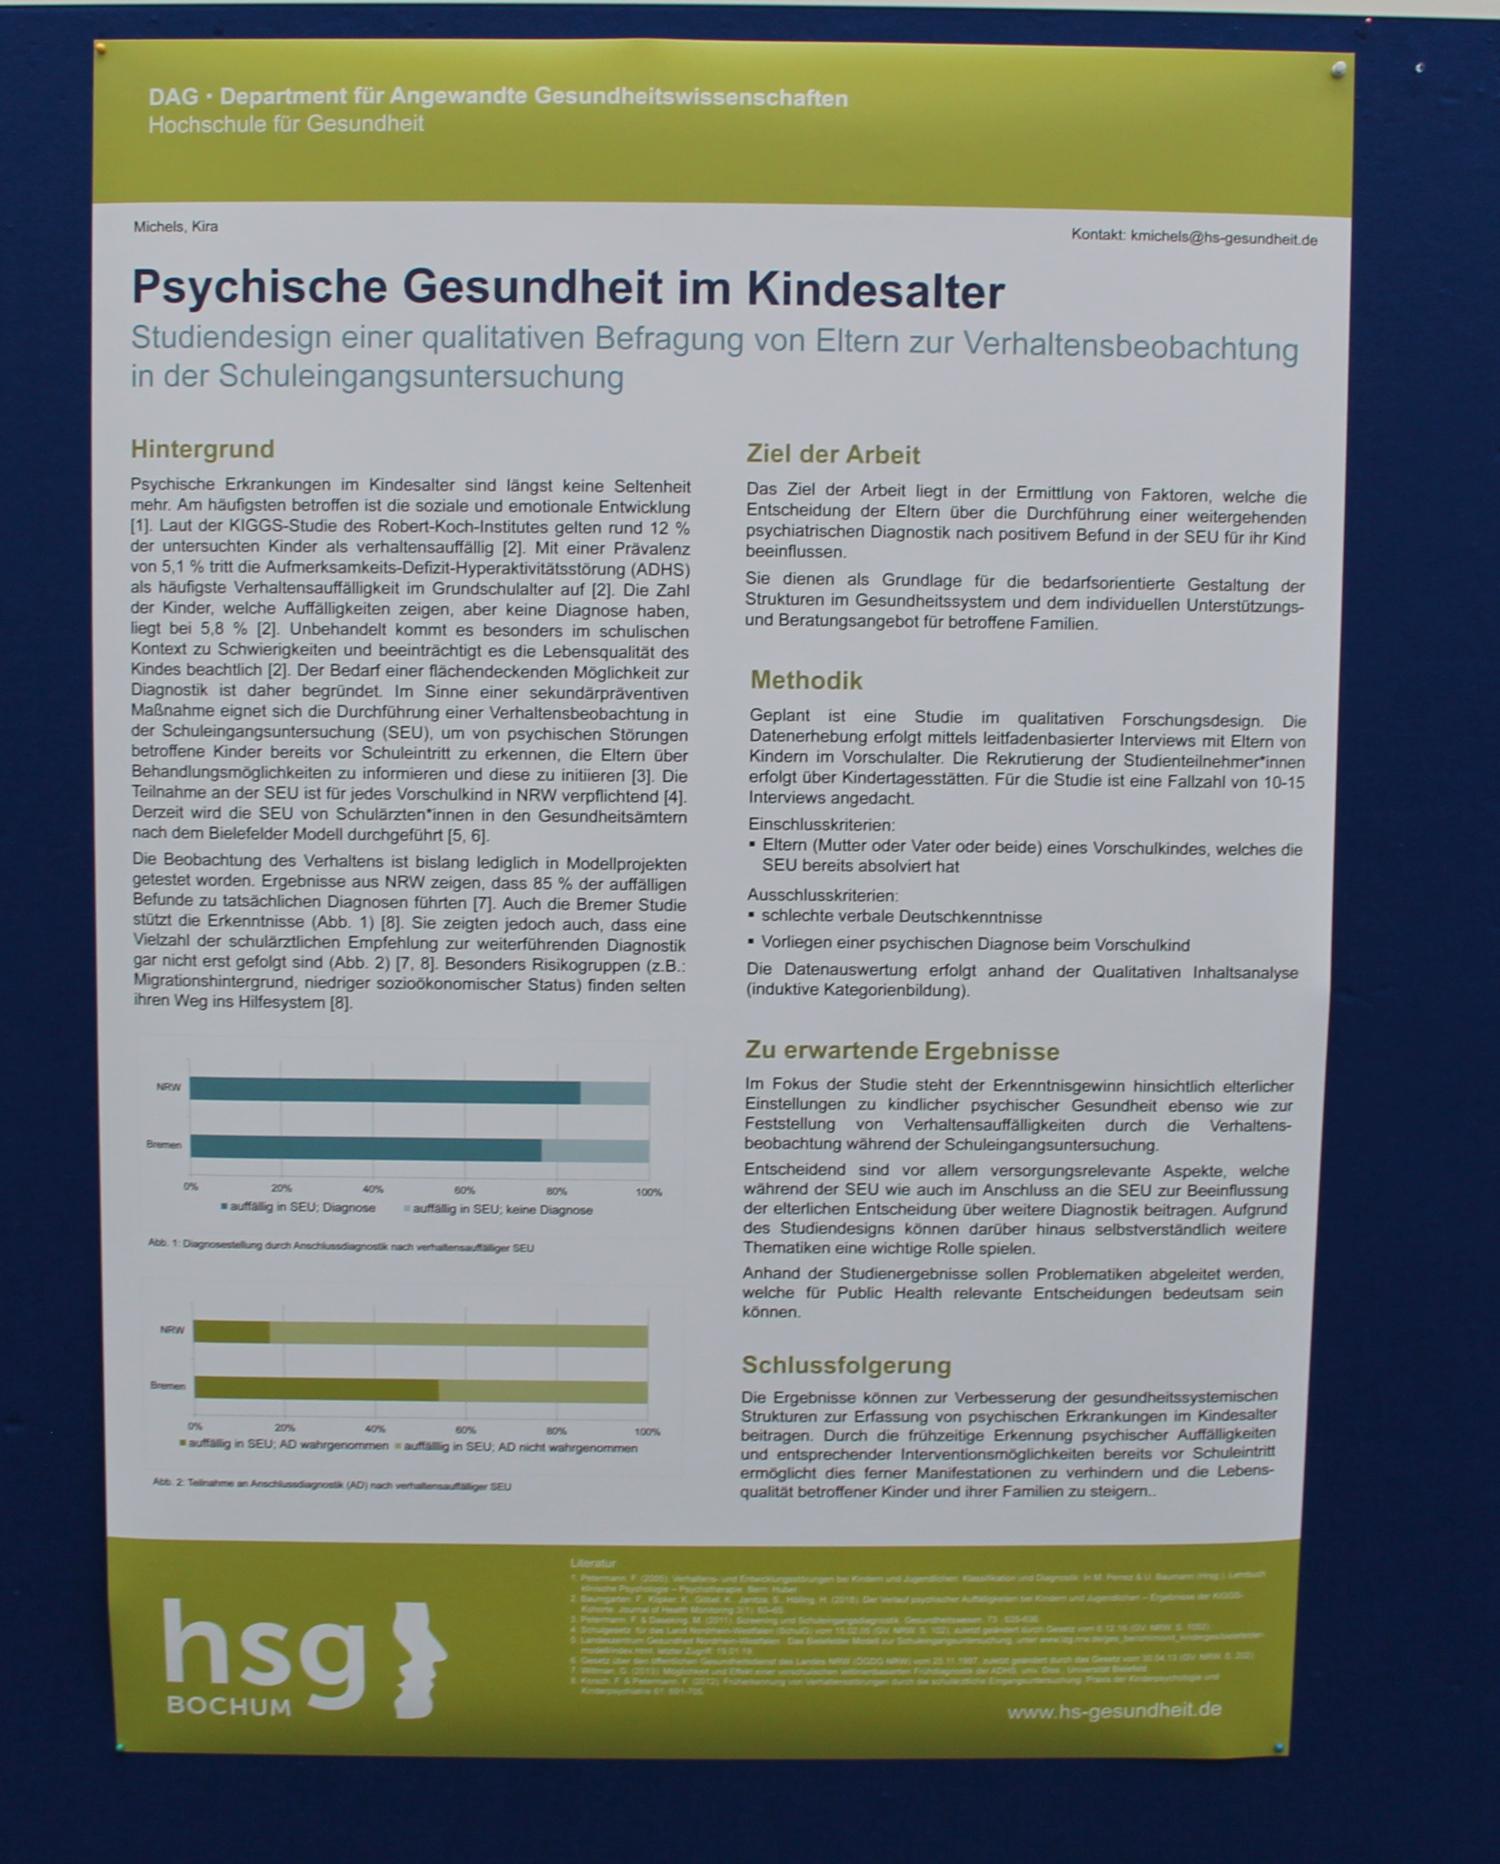 Das Poster: 'Psychische Gesundheit im Kindesalter'